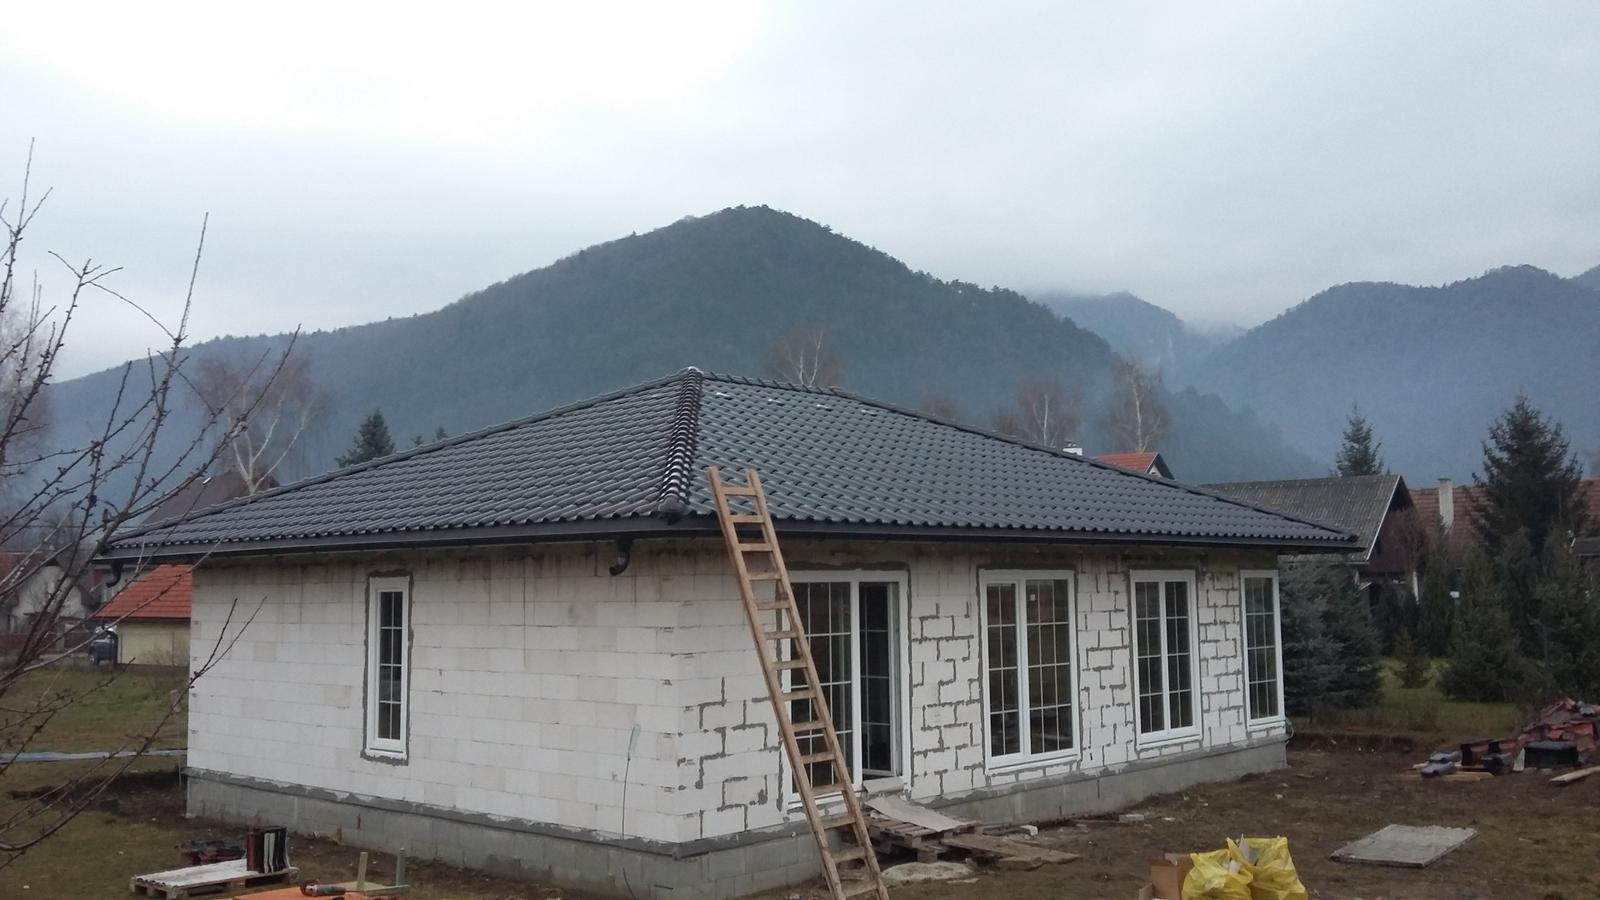 Náš nový domov - tak už môj manželík dorobil strechu , tešíme sa :)